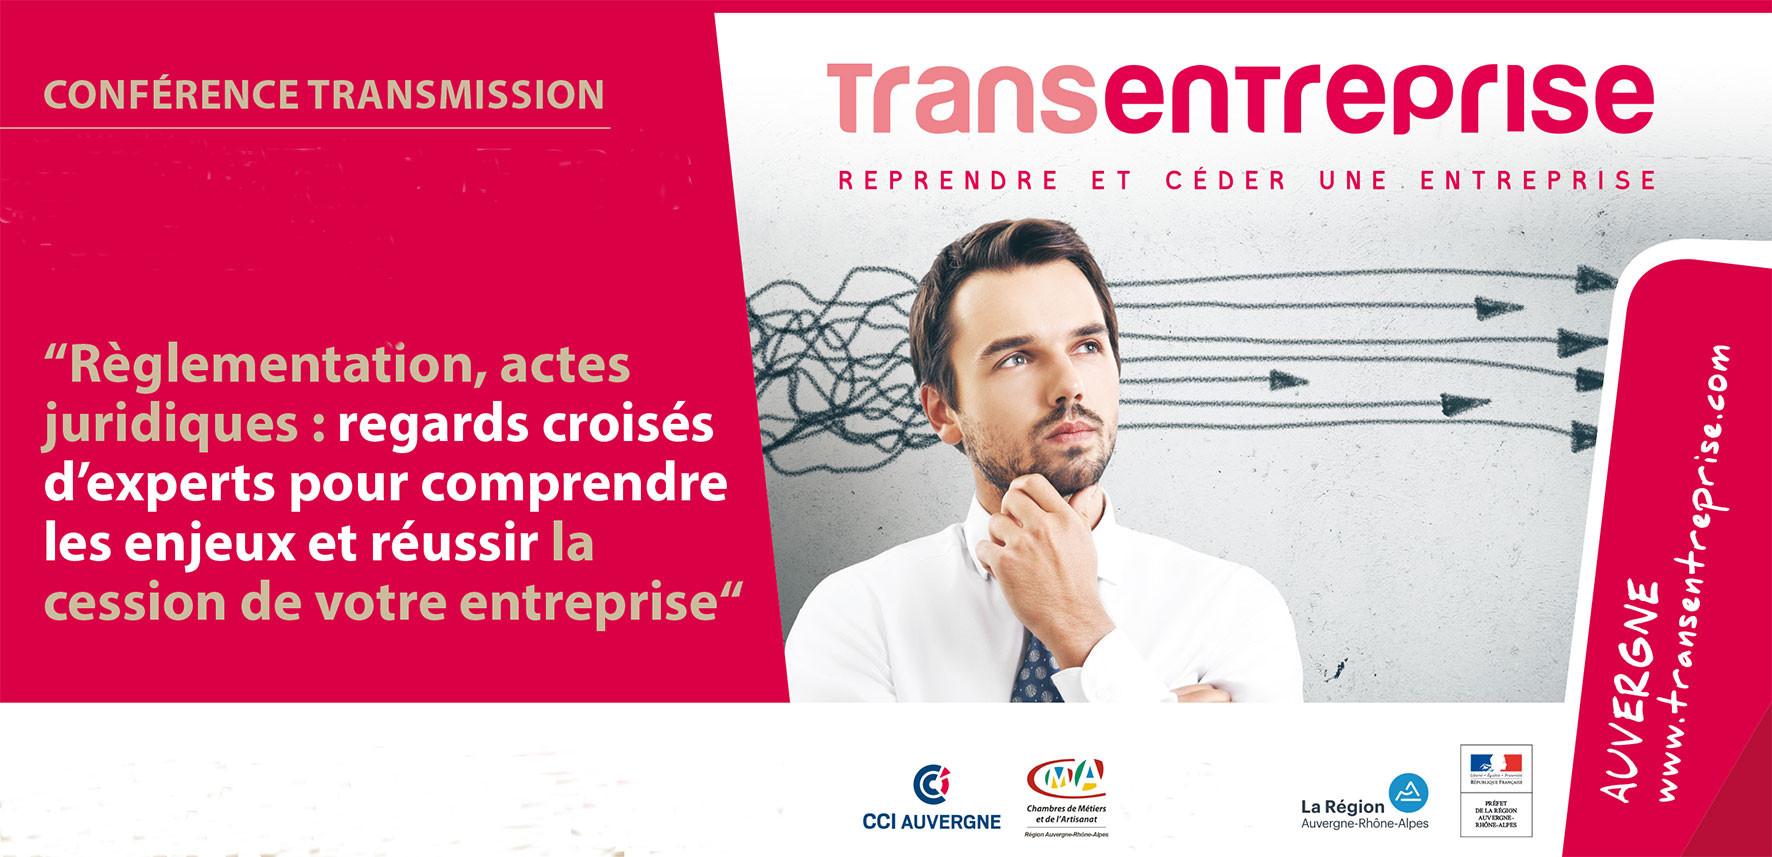 Règlementation, actes juridiques : regards croisés d'experts pour comprendre les enjeux et réussir la cession de votre entreprise (Aurillac, Montluçon, Clermont-Fd, Le Puy en Velay)